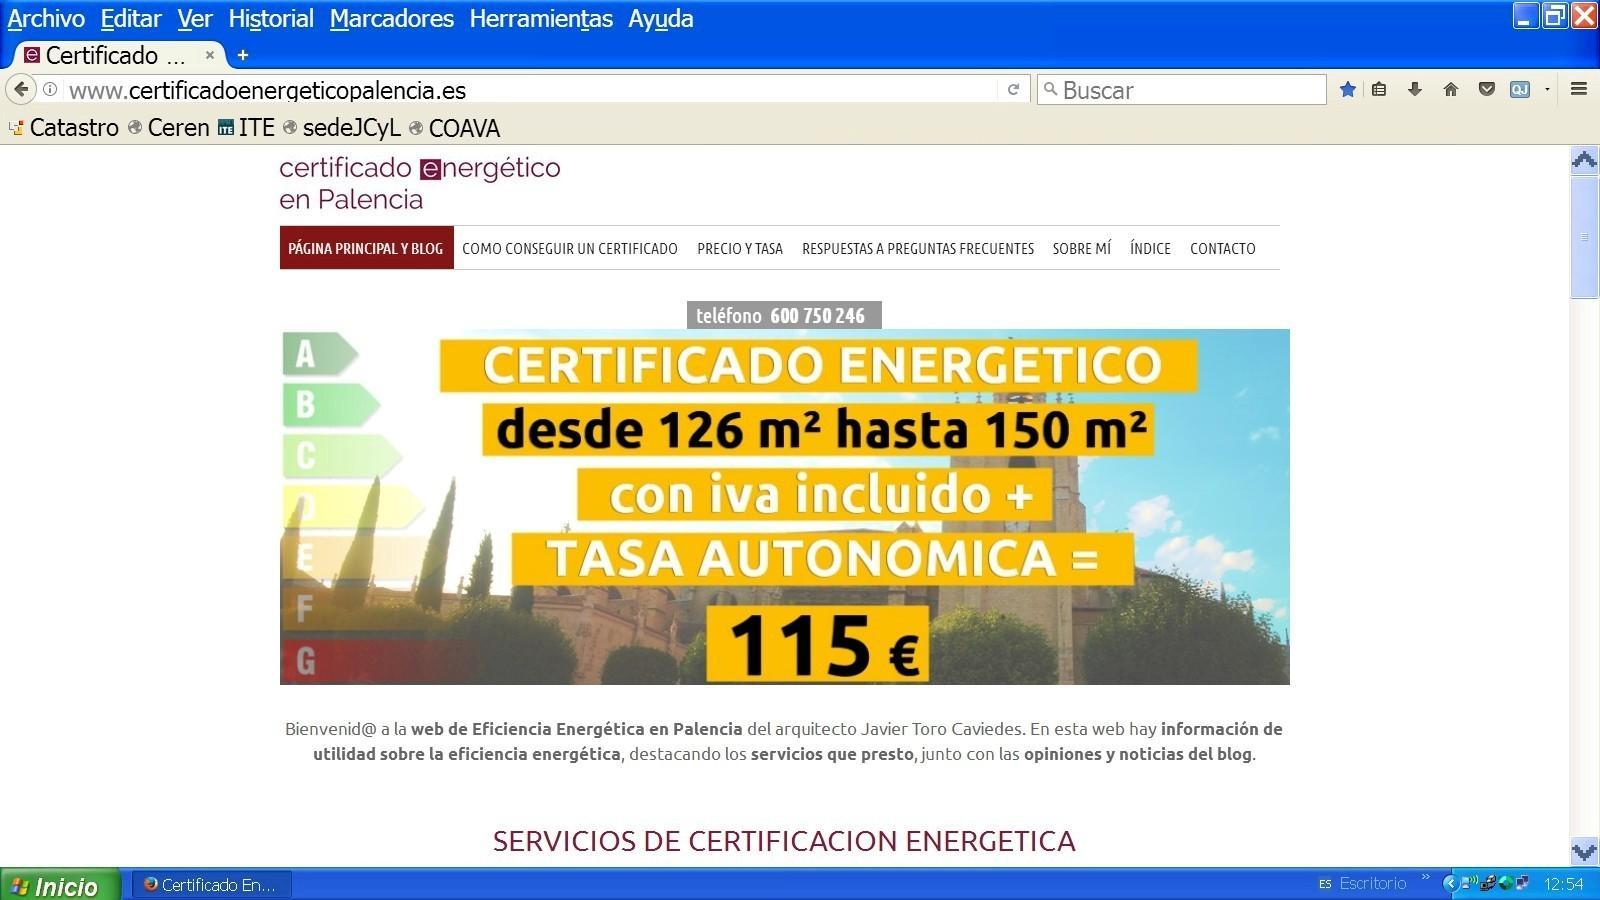 certificado de eficiencia energetica en palencia